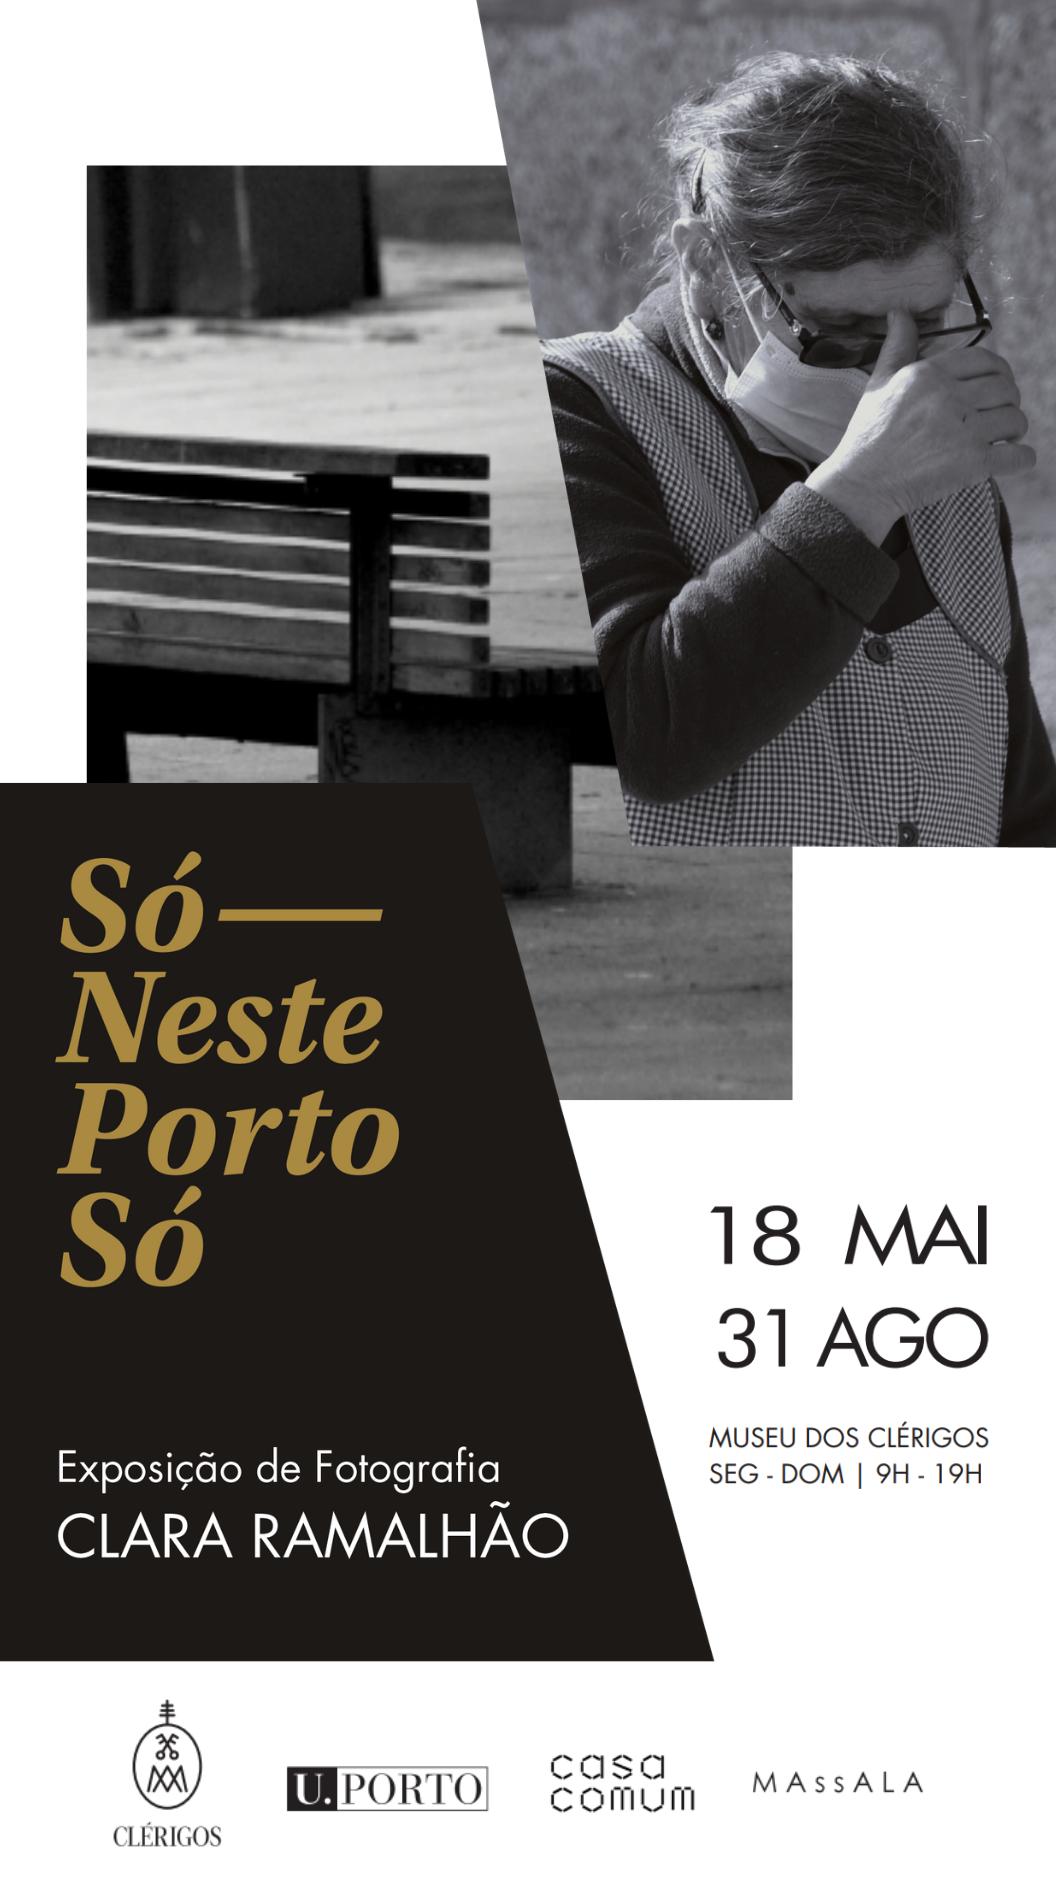 exposição fotografia Só, Neste Porto só!